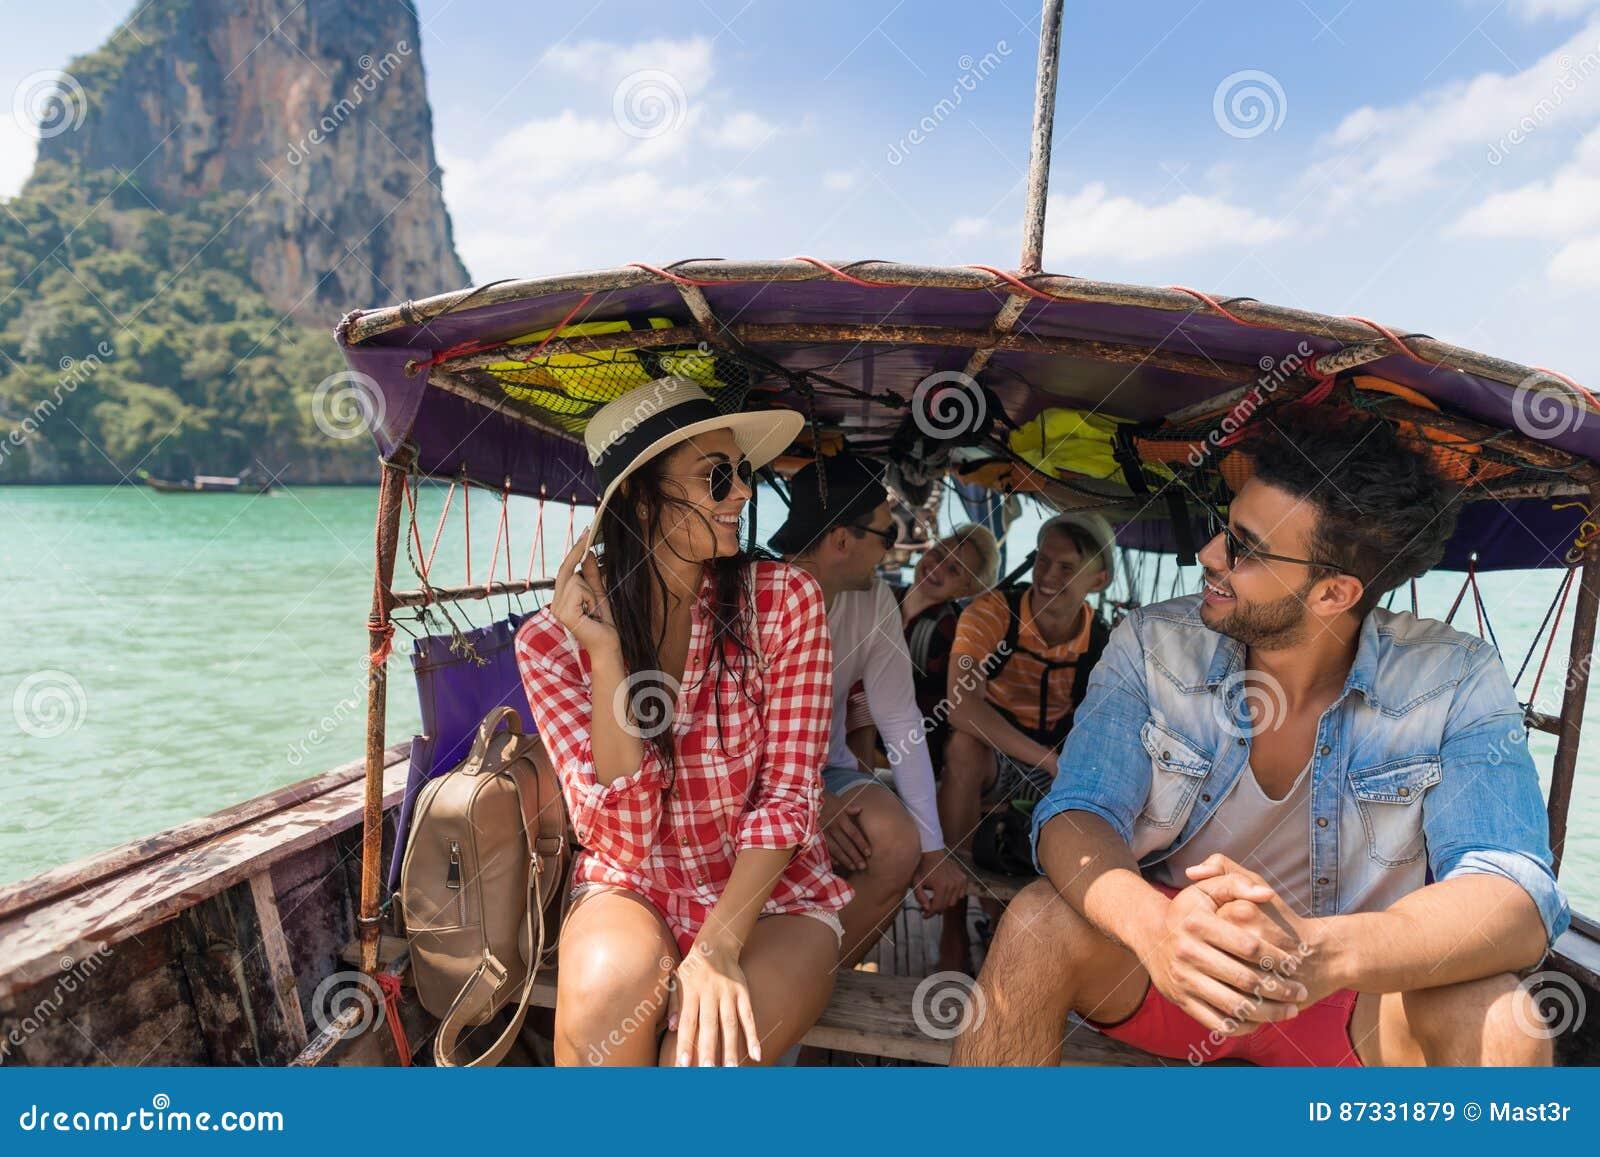 Turisten för ungdomargruppen seglar för det Thailand för den långa svansen tur för lopp för semester för havet för vänner för hav